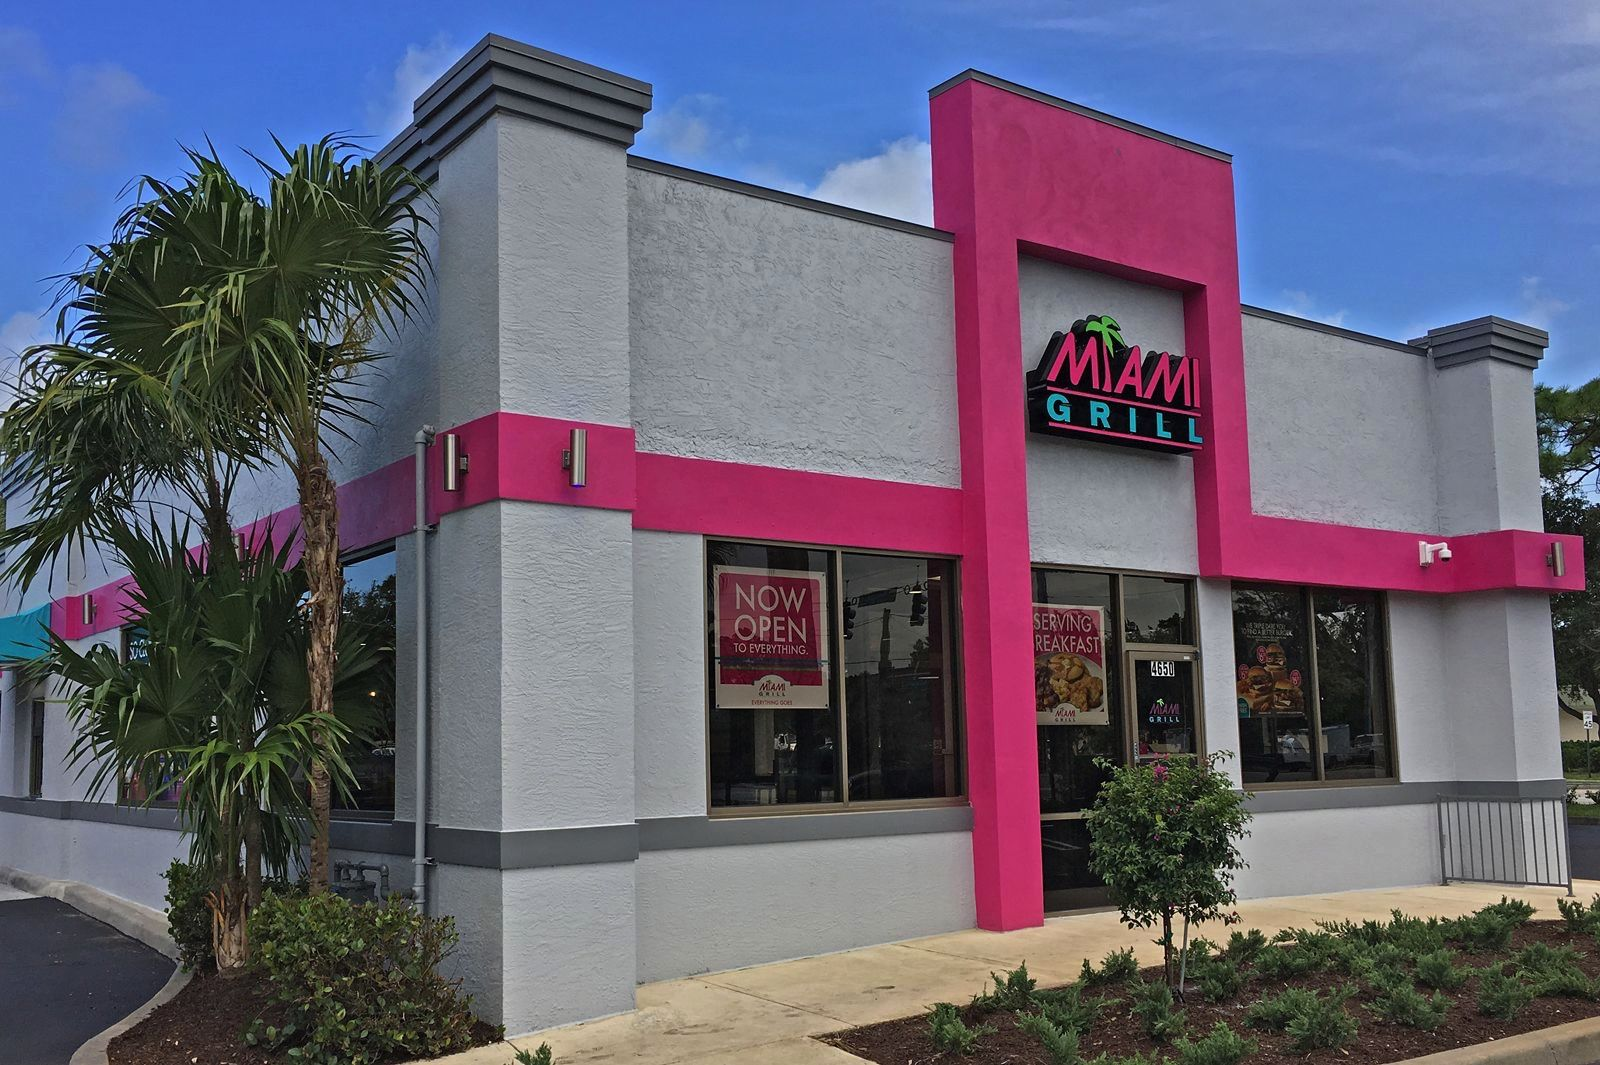 Booming Miami Grill Upgrades to new Boca Raton Headquarters